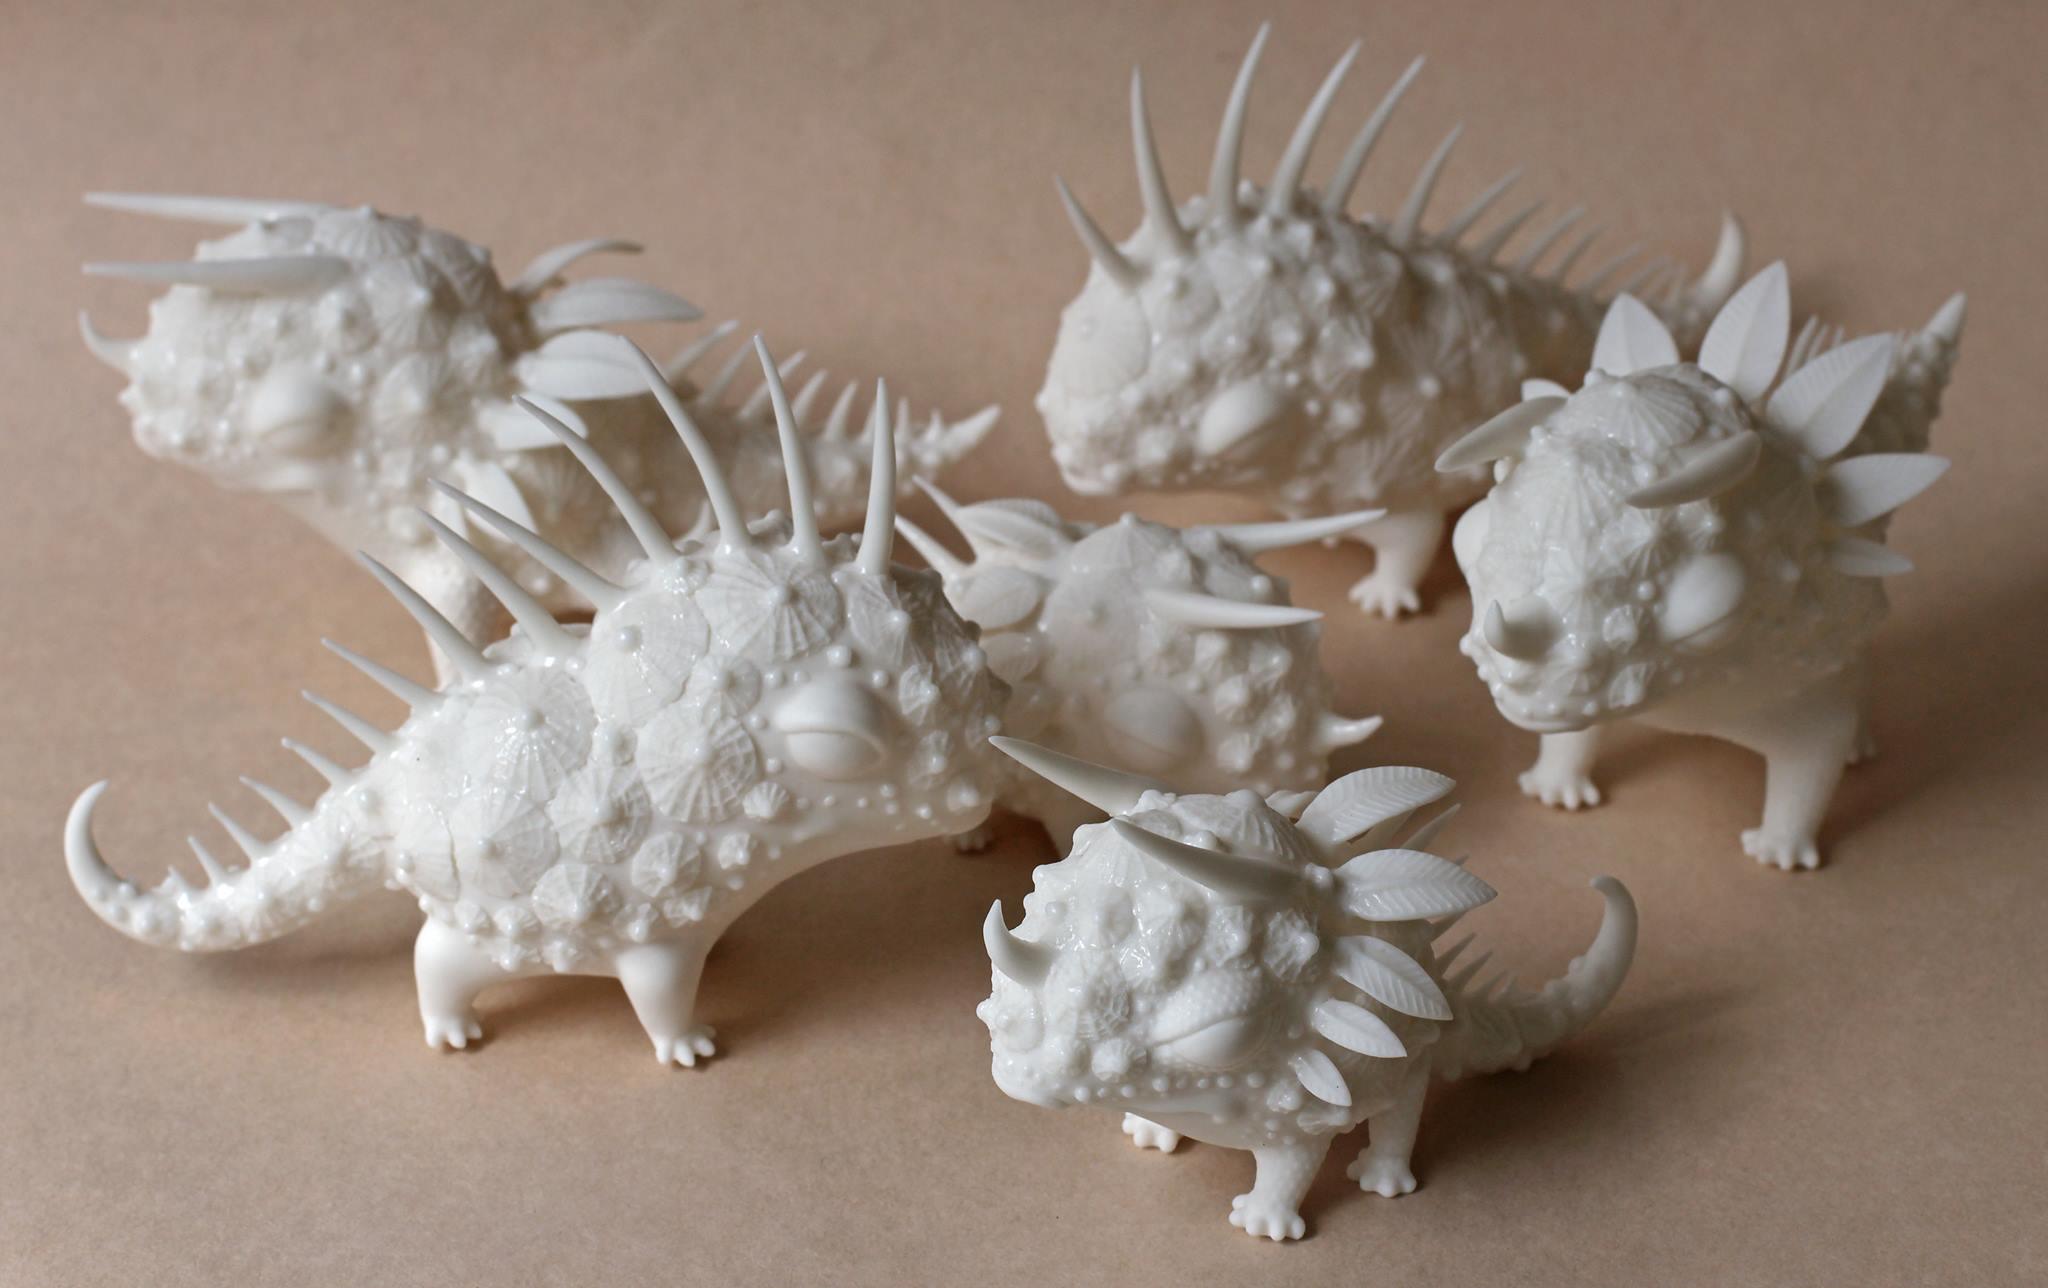 Stanislav Leontyev – Sculpting Delicate Creatures